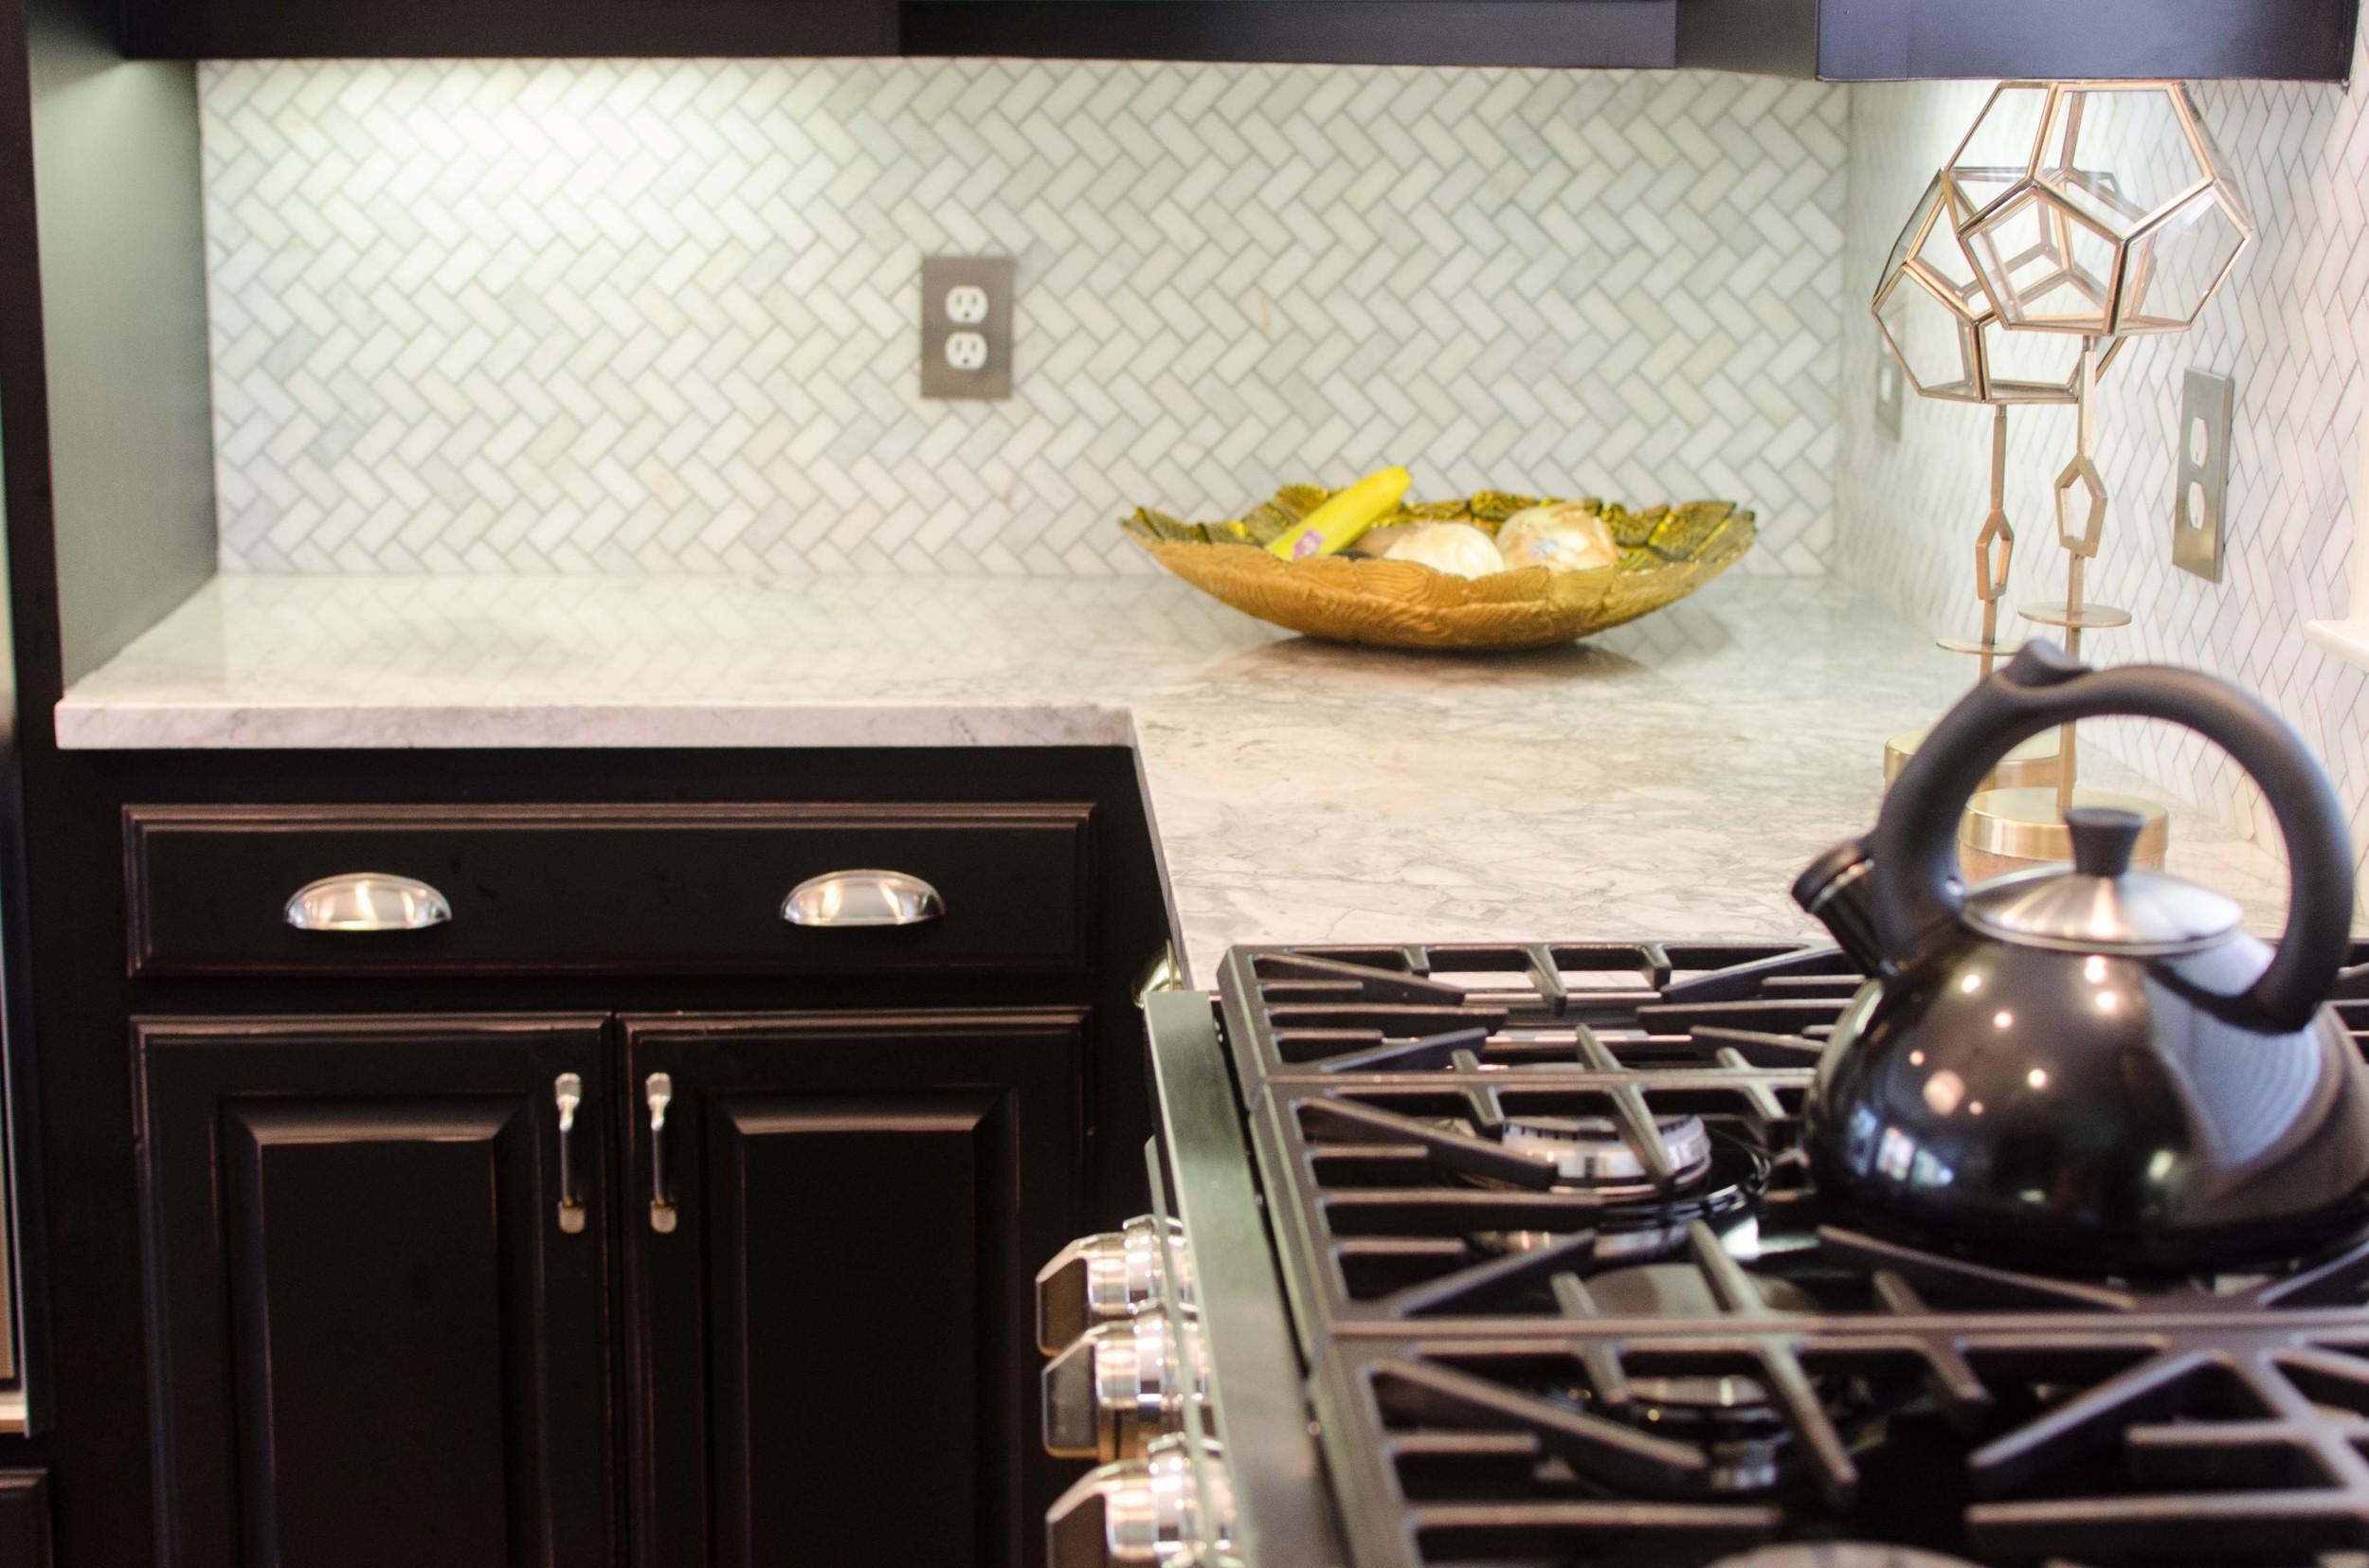 Chefs kitchen with gas range